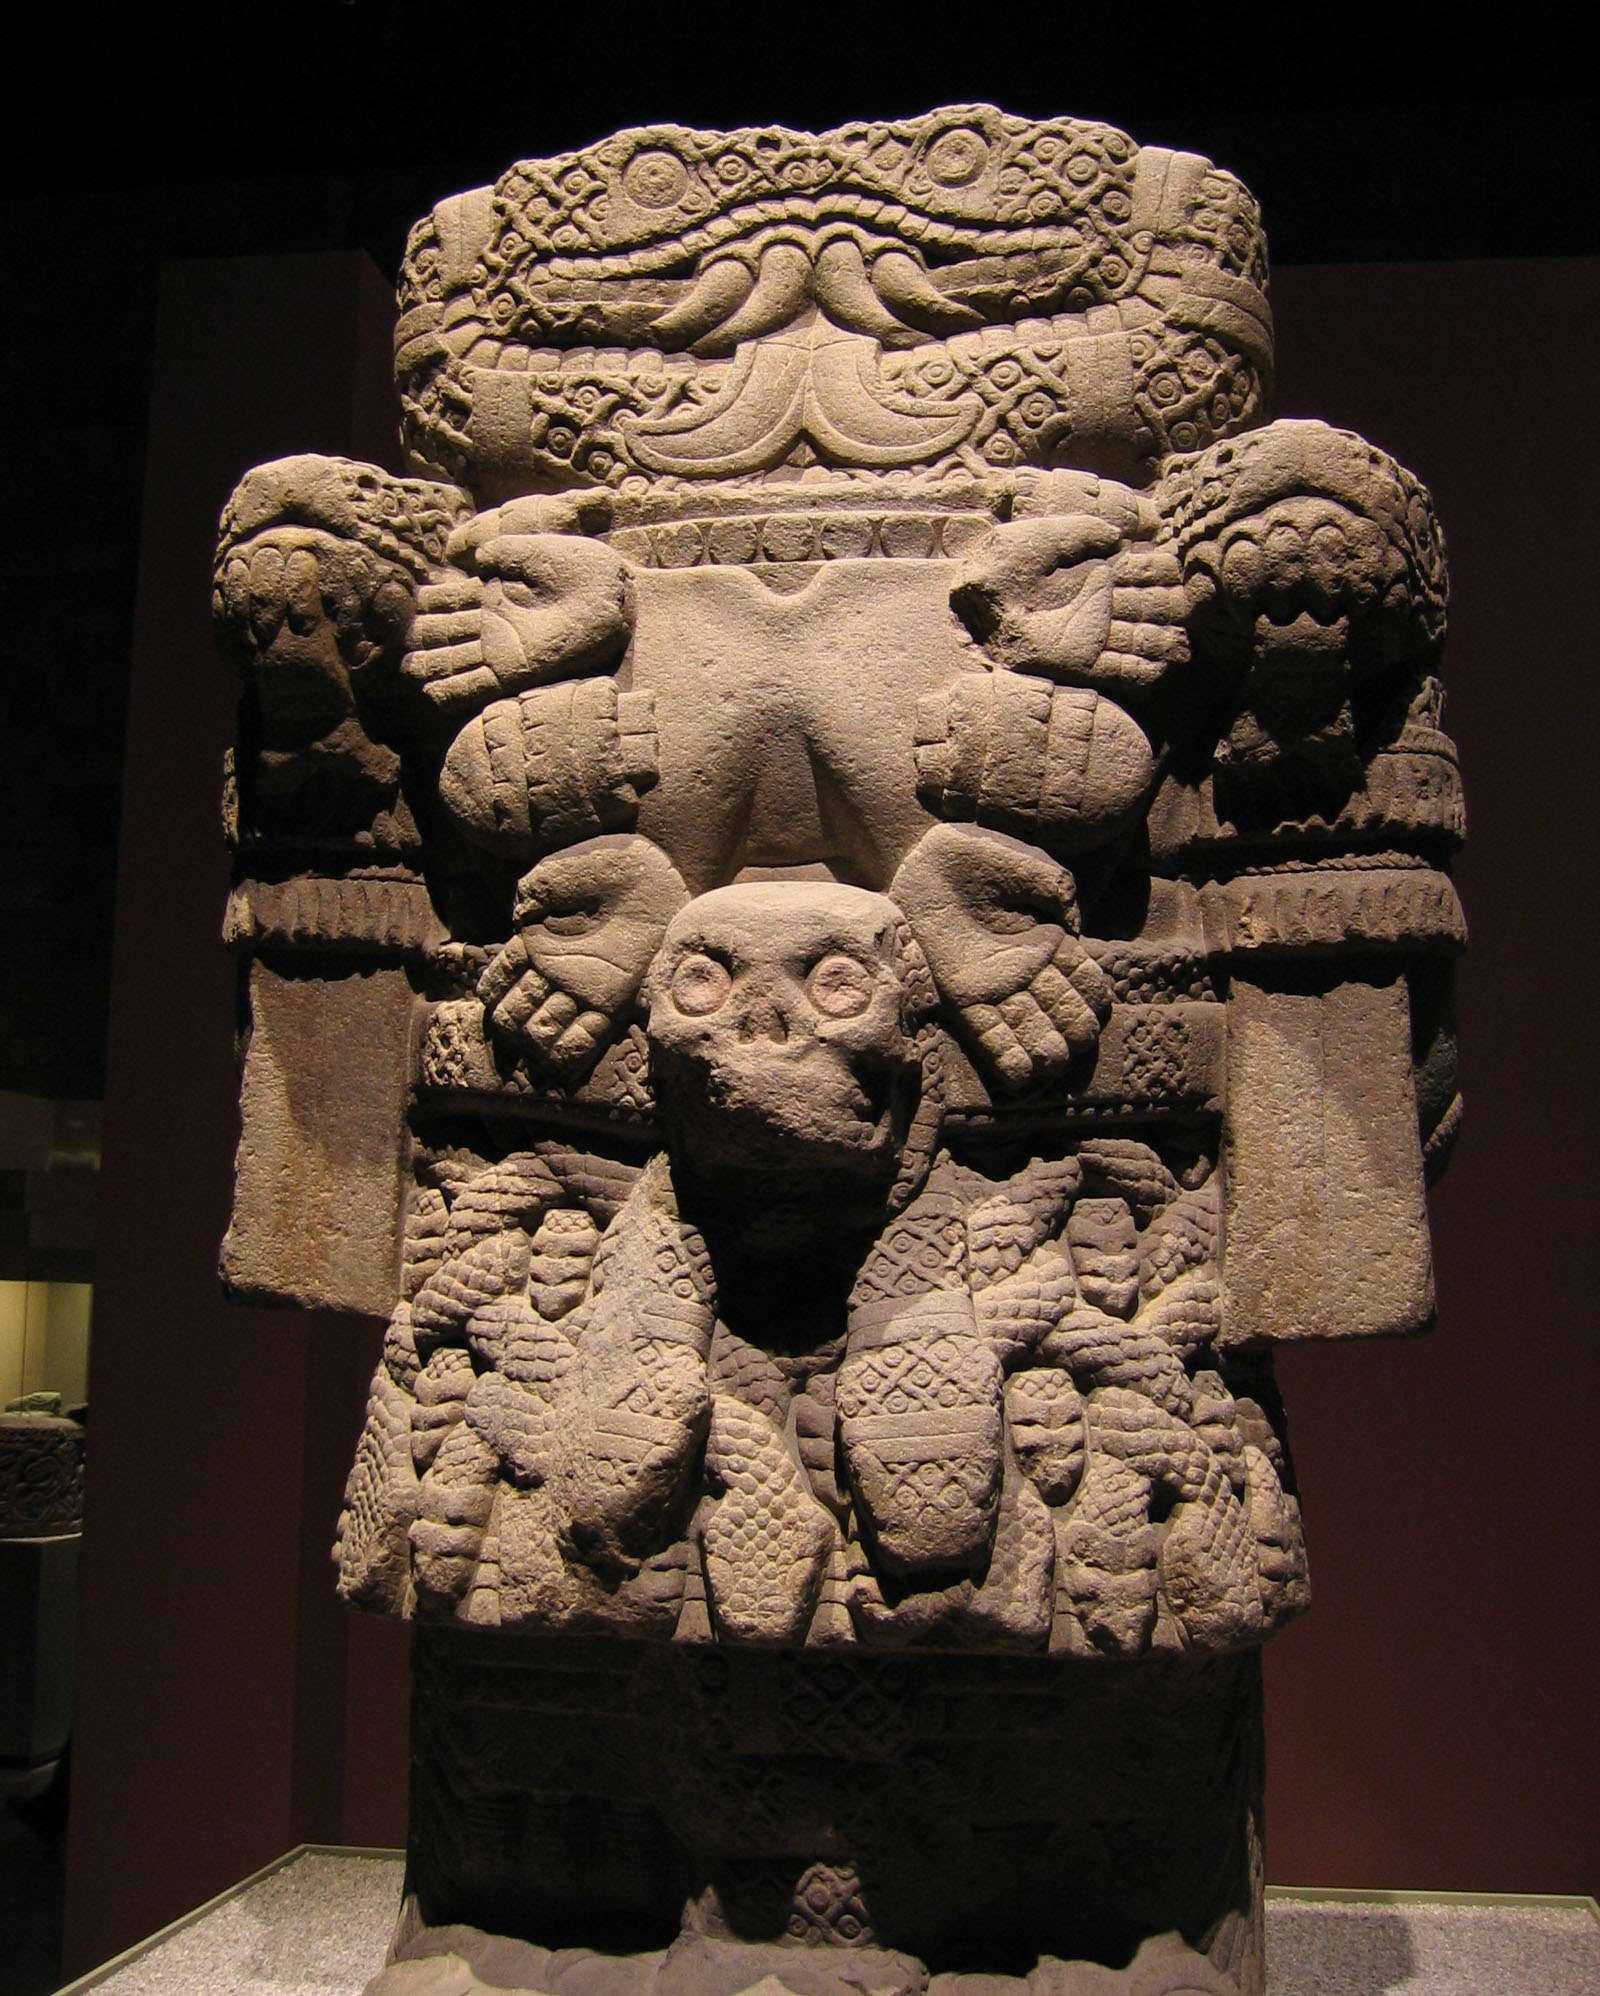 Η Κοατλίκουε (Cōātlīcue), η Μητέρα Θεά Γη των Αζτέκων. Εθνικό Μουσείο Ανθρωπολογίας της Πόλης του Μεξικού.